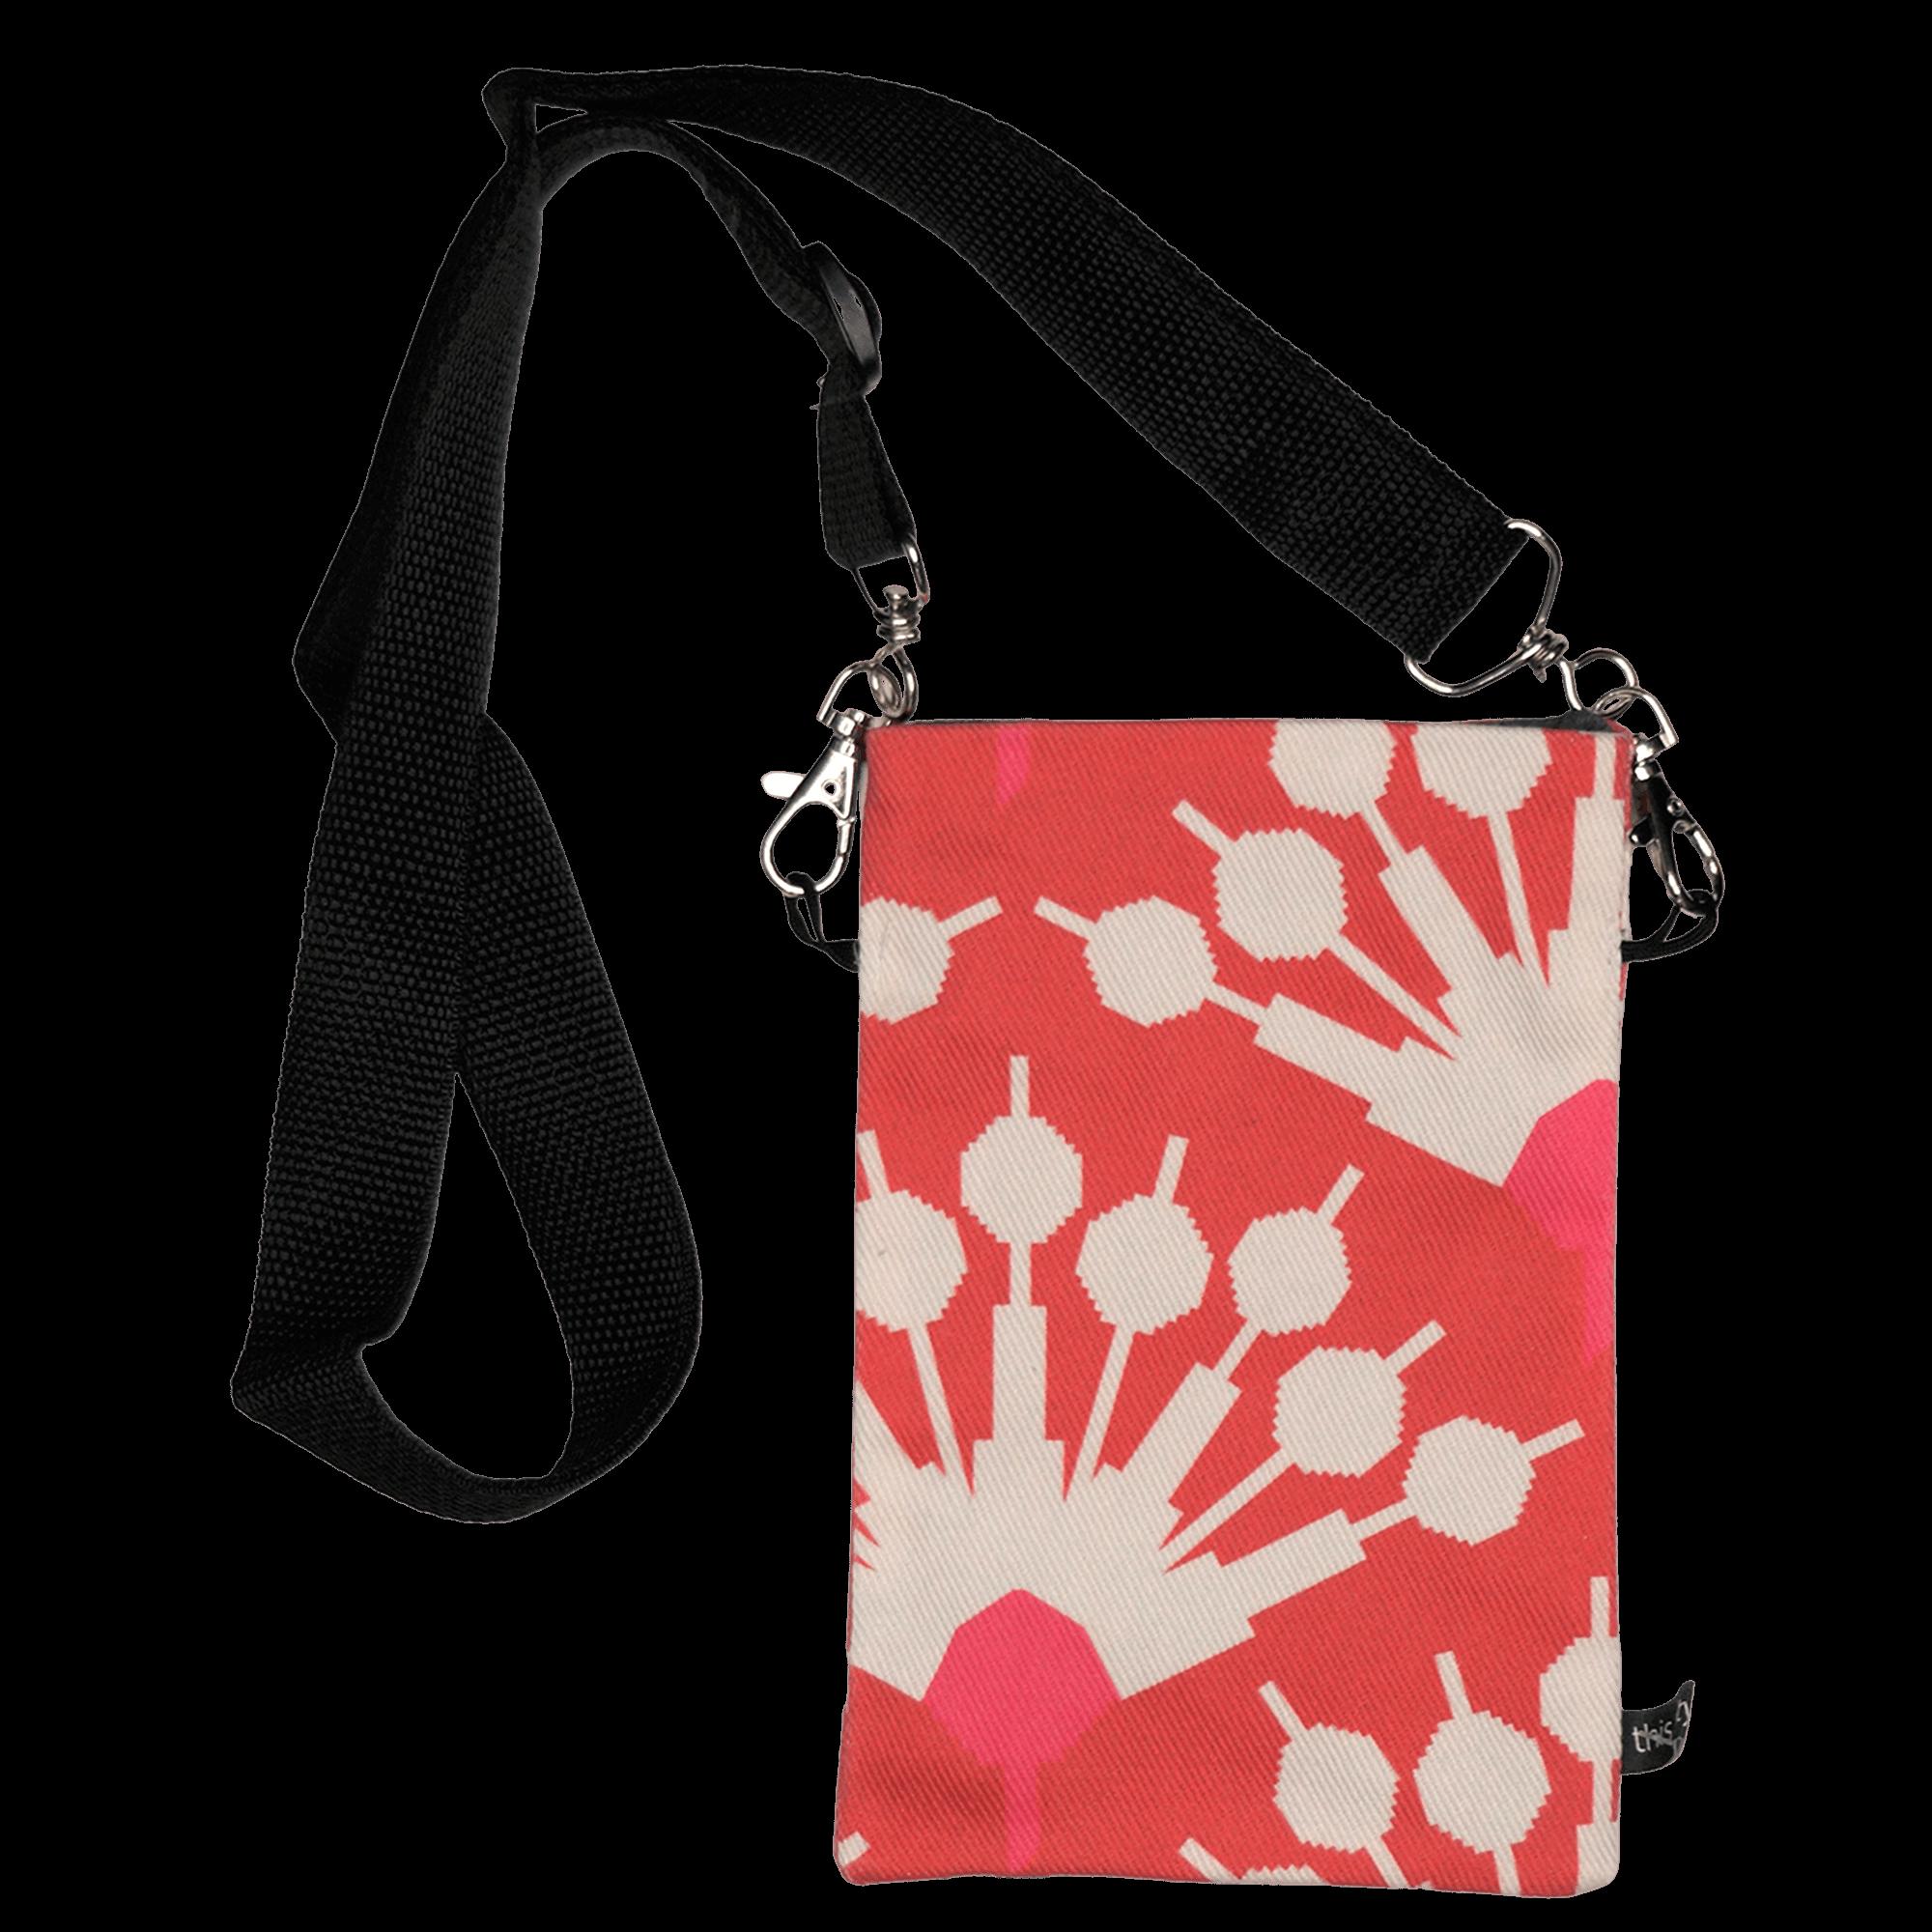 Handytasche zum Umhängen Blumenmuster weiß/rot/pink